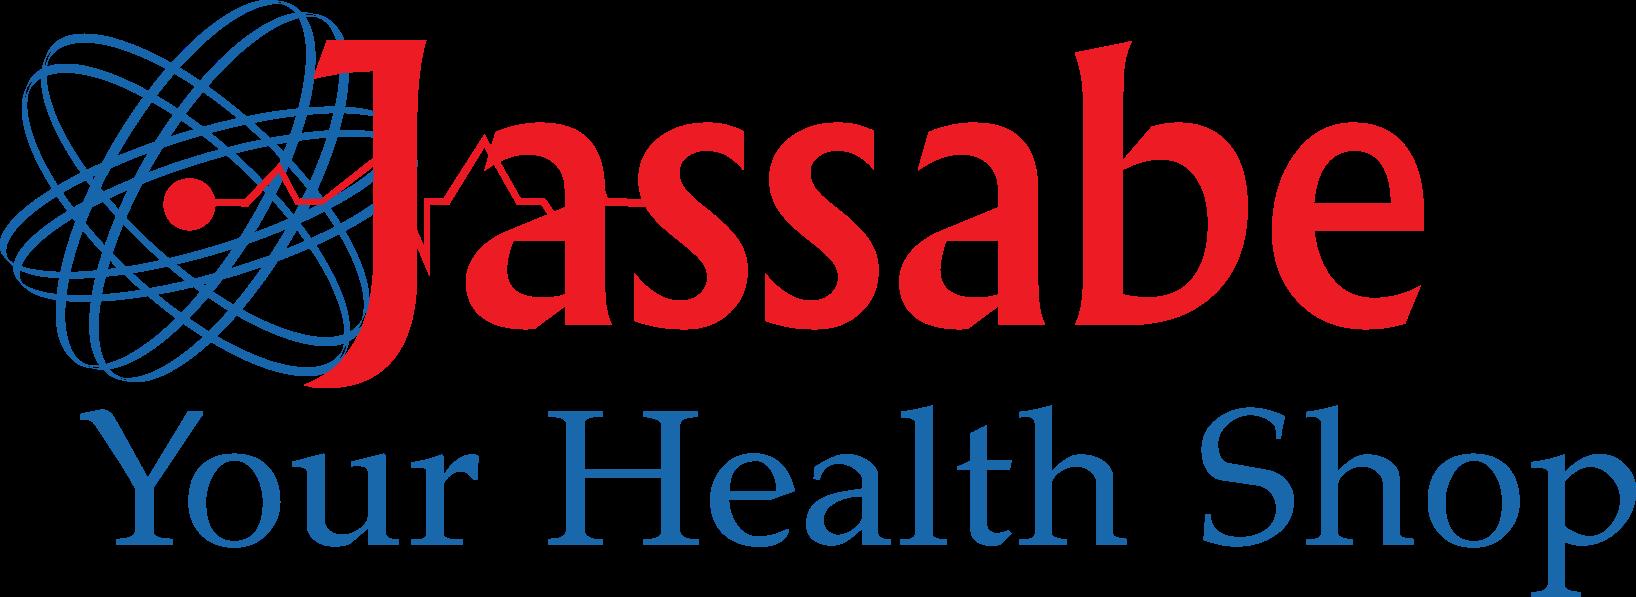 Jassabe Logo